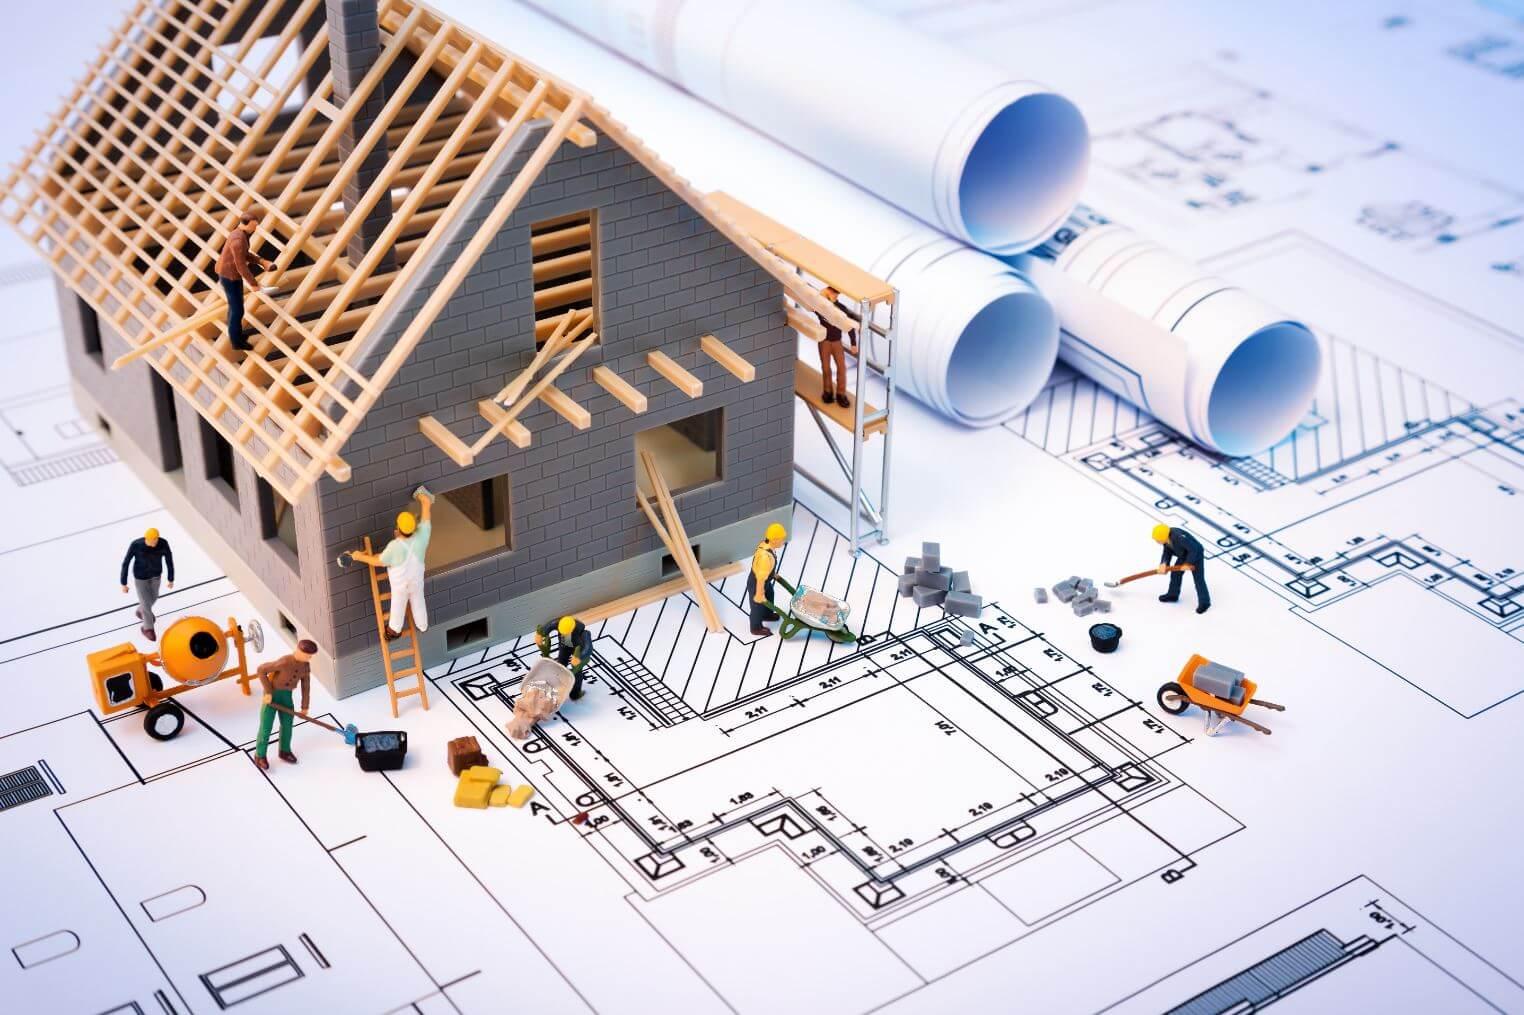 الهندسة المدنية (Civil Engineering)